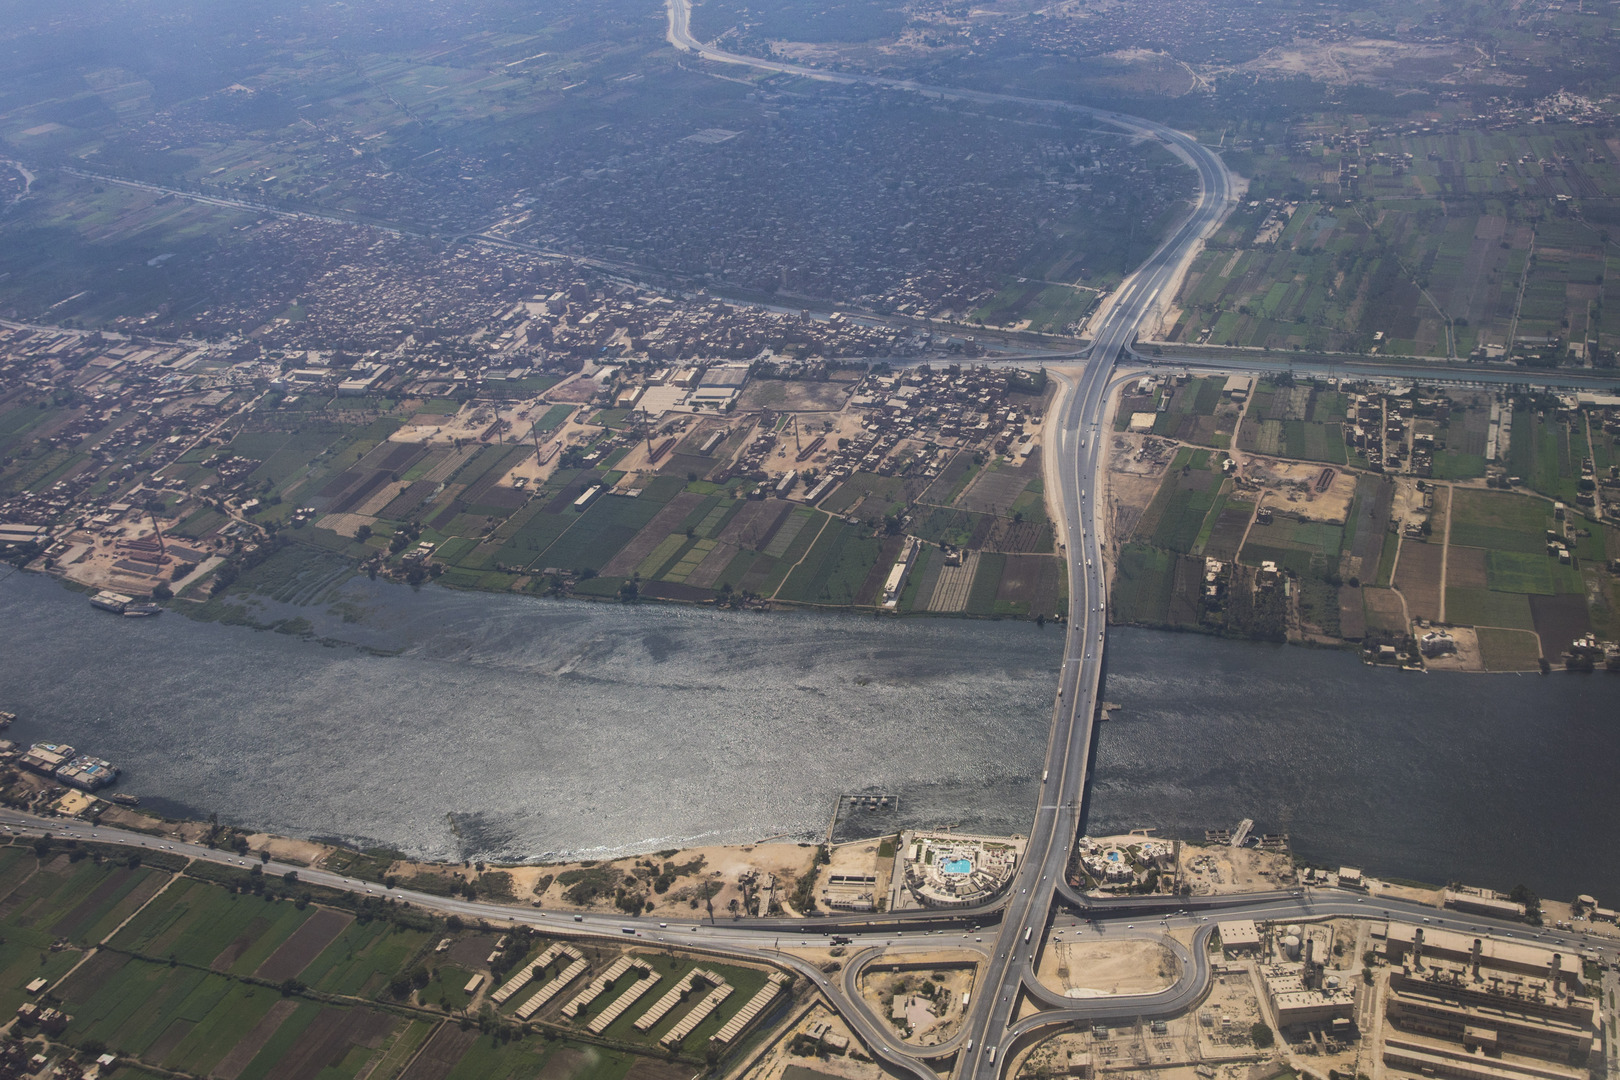 وزير الري المصري: مصر تنفذ مشروعا إقليميا بين بحيرة فيكتوريا والبحر المتوسط